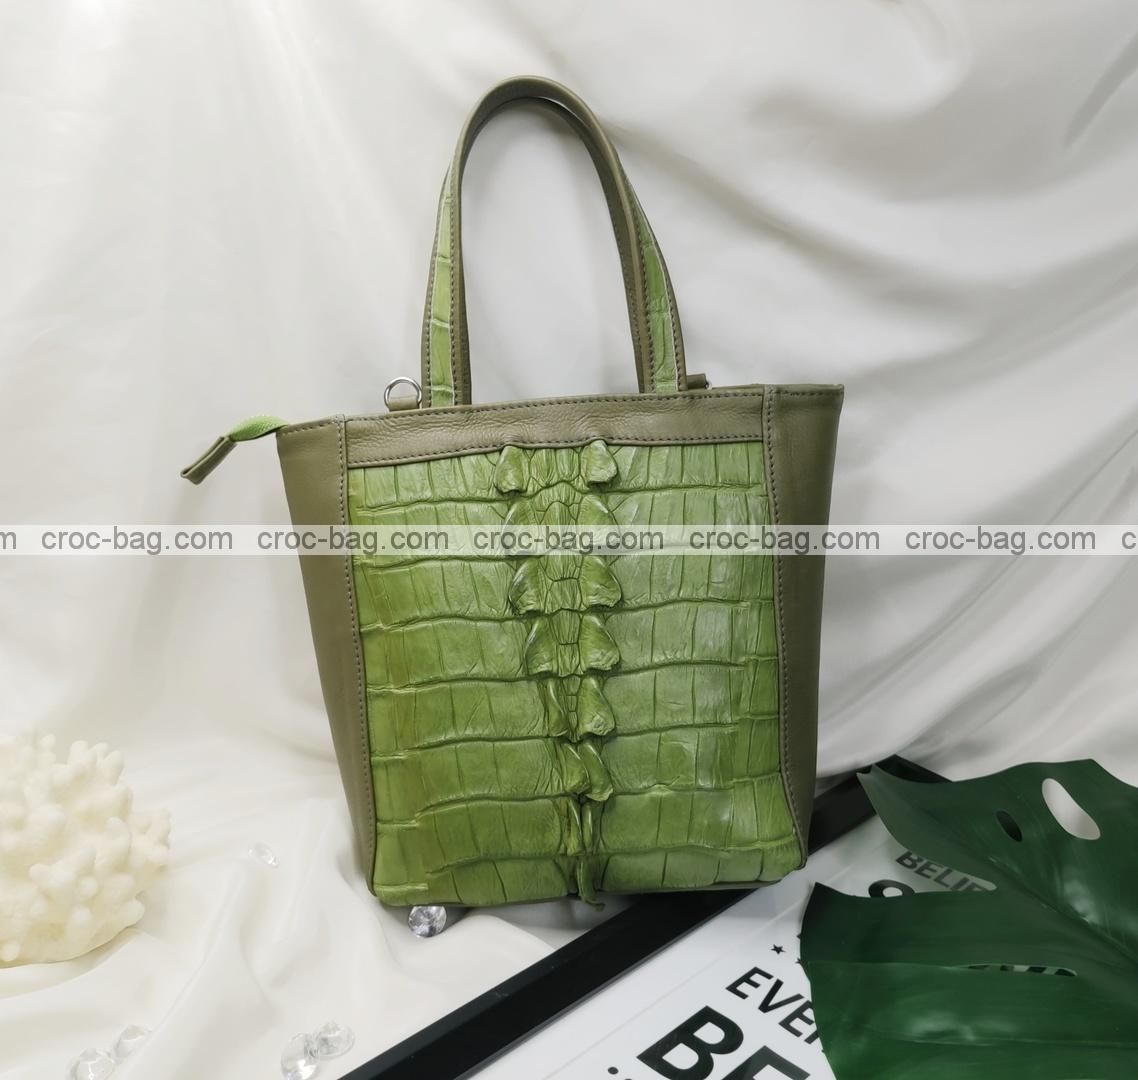 กระเป๋าหนังจระเข้สำหรับผู้หญิง 5447